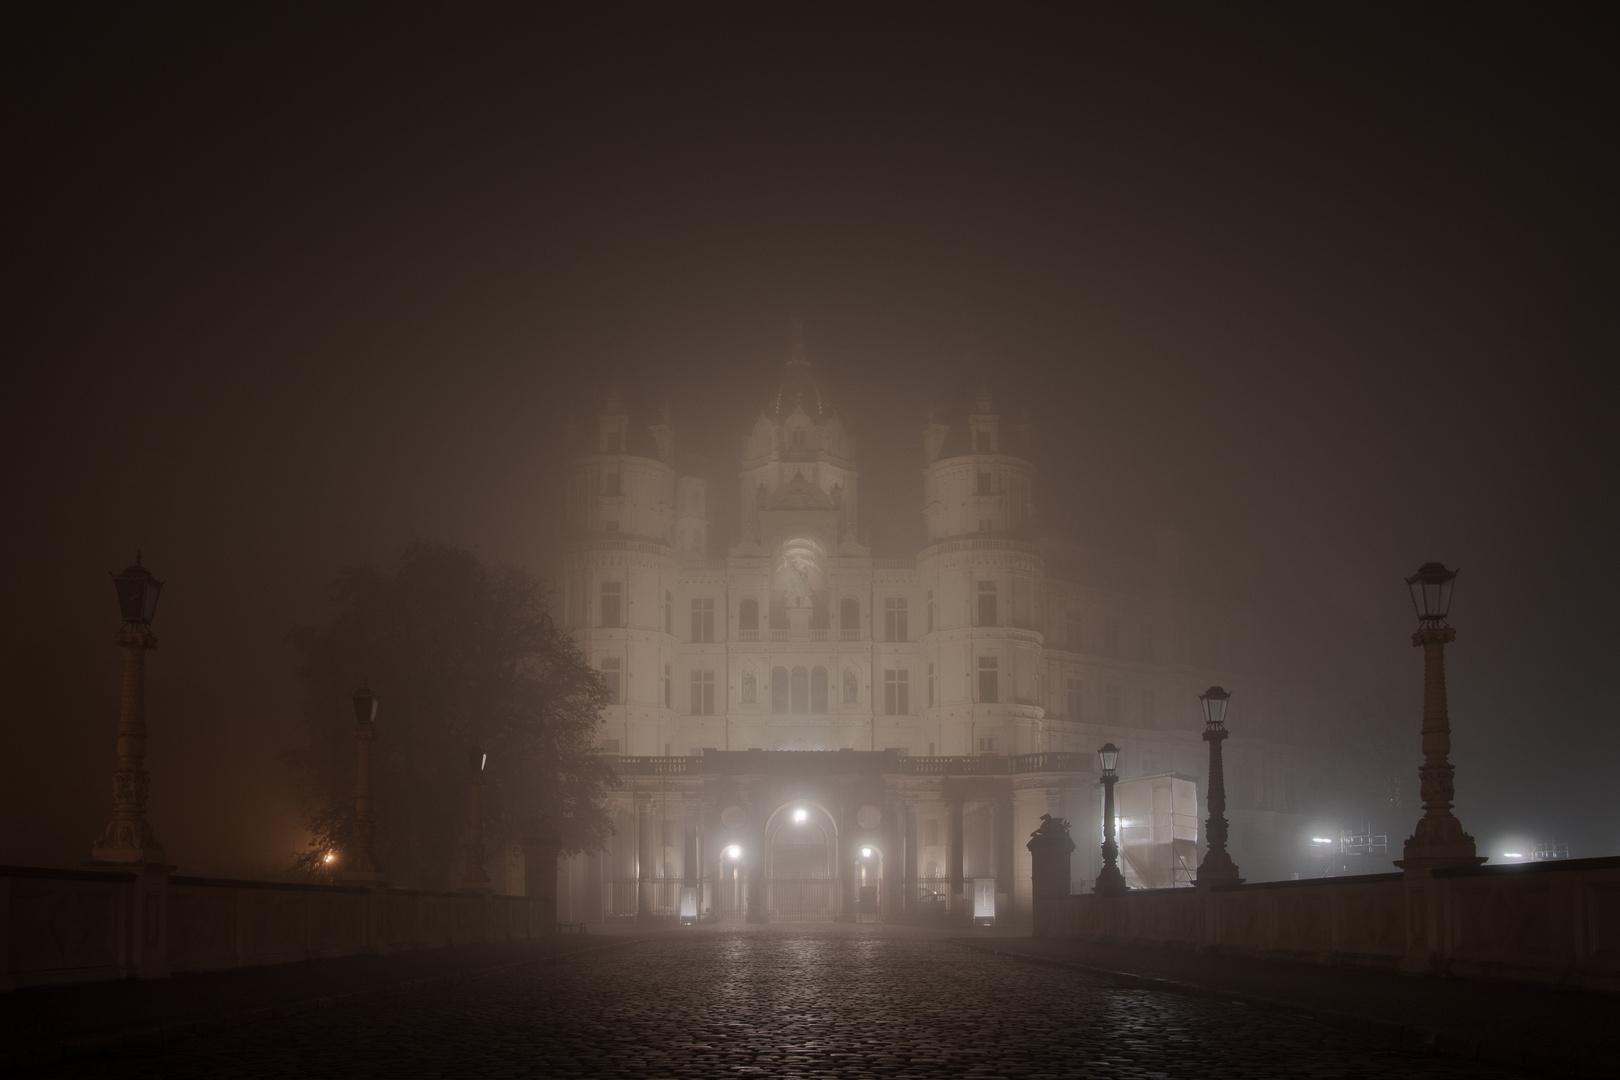 Bei Nacht und Nebel III